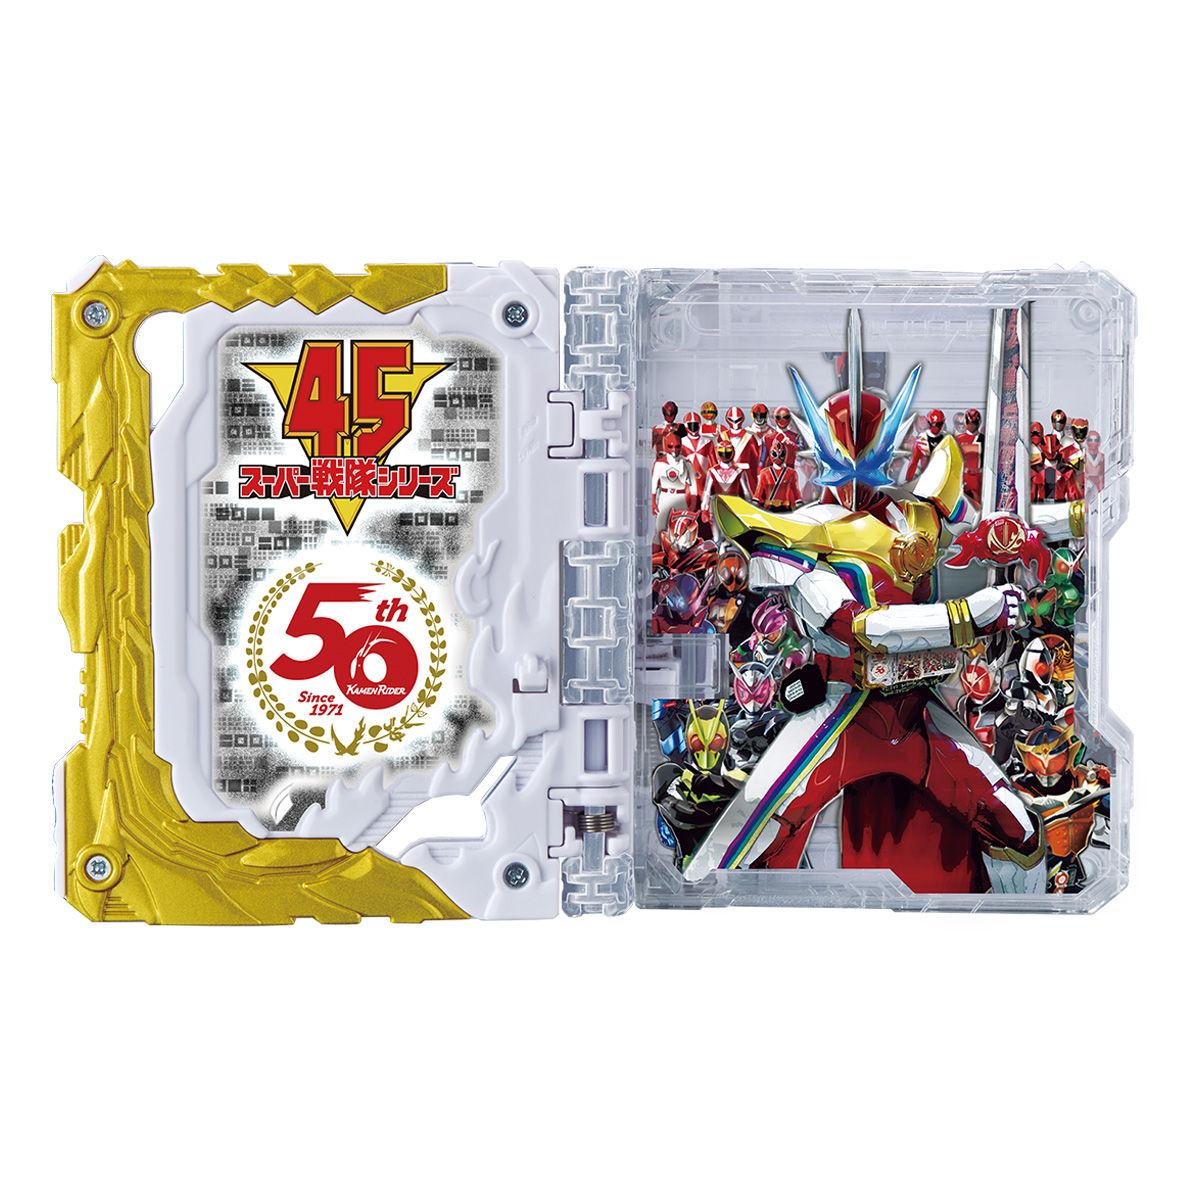 【限定販売】仮面ライダーセイバー『DXスーパーヒーロー戦記ワンダーライドブック』変身なりきり-005